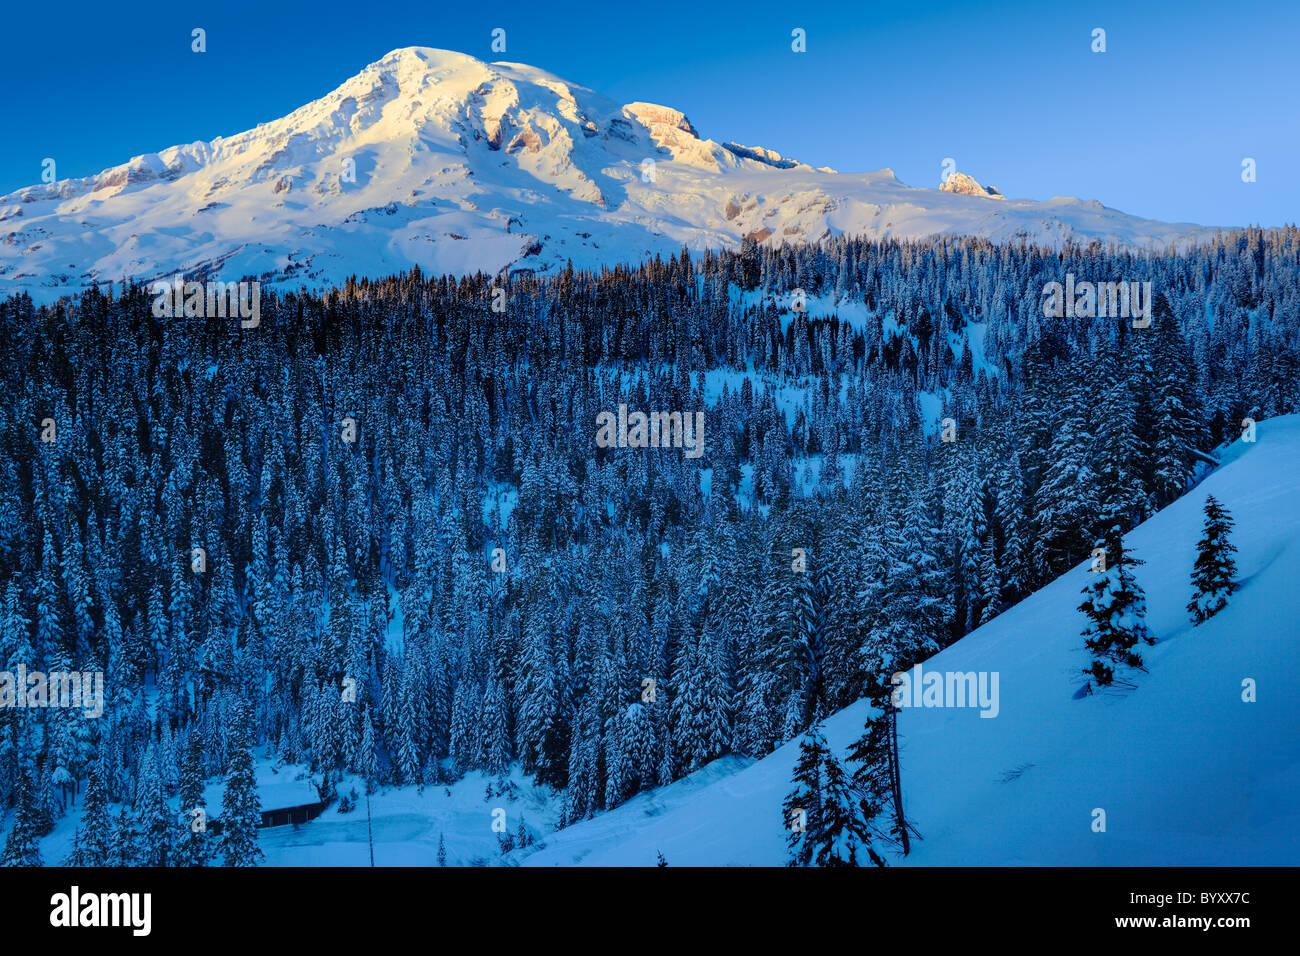 Vista de la cara sur del Monte Rainier al atardecer en medio del invierno Imagen De Stock